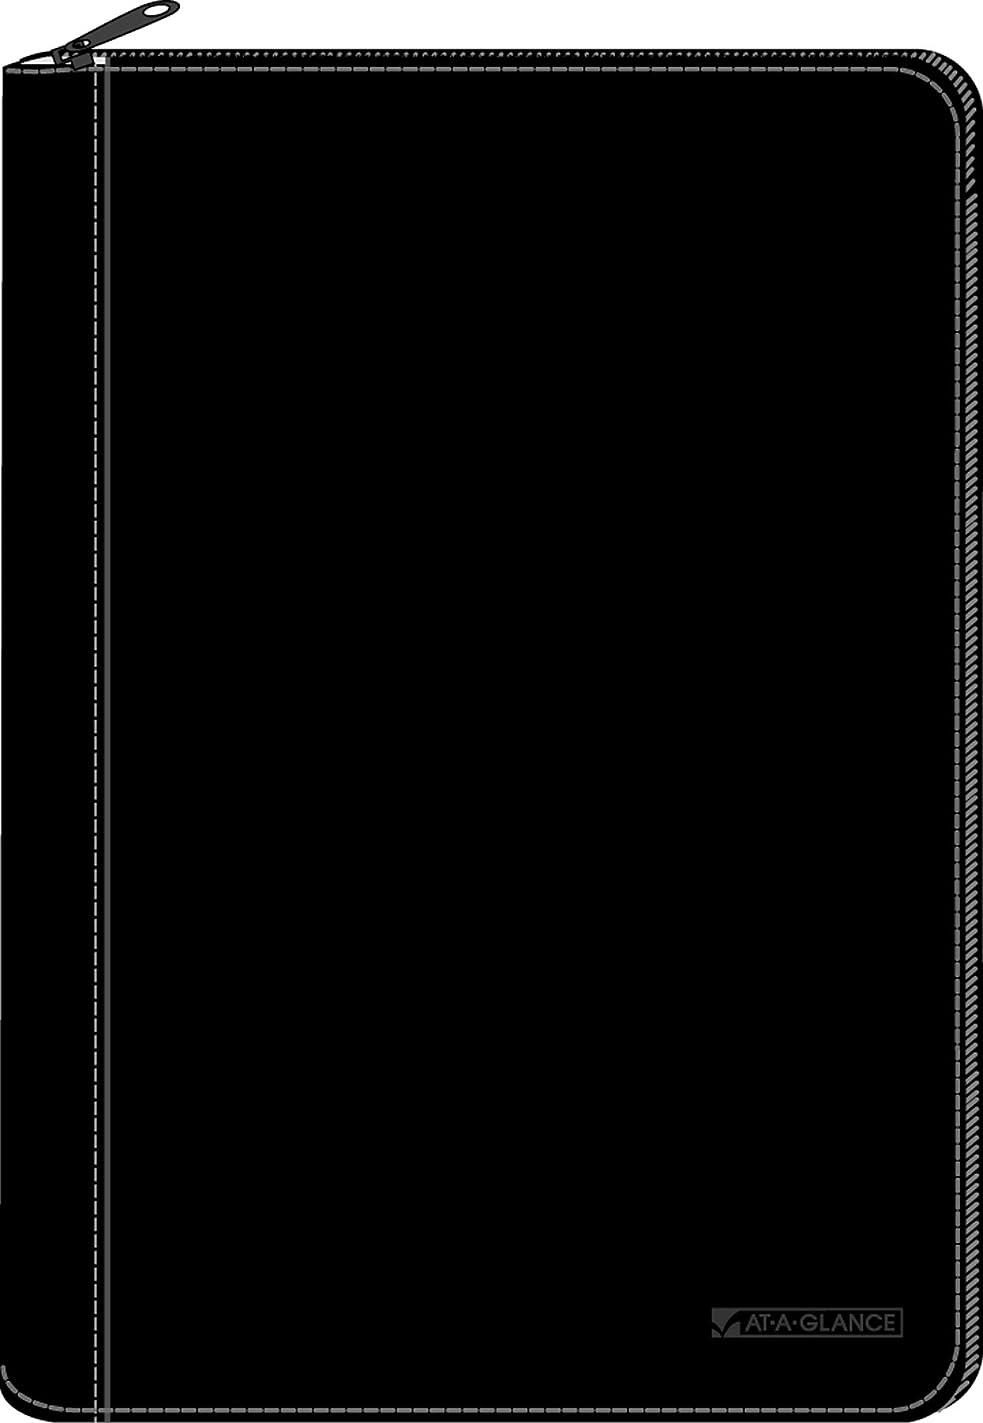 脱走運搬背骨At-A-GLANCE 80PJ1F05デスクプランナーカバー、4-7 / 8x8インチ、メモ帳、バイリンガル、黒